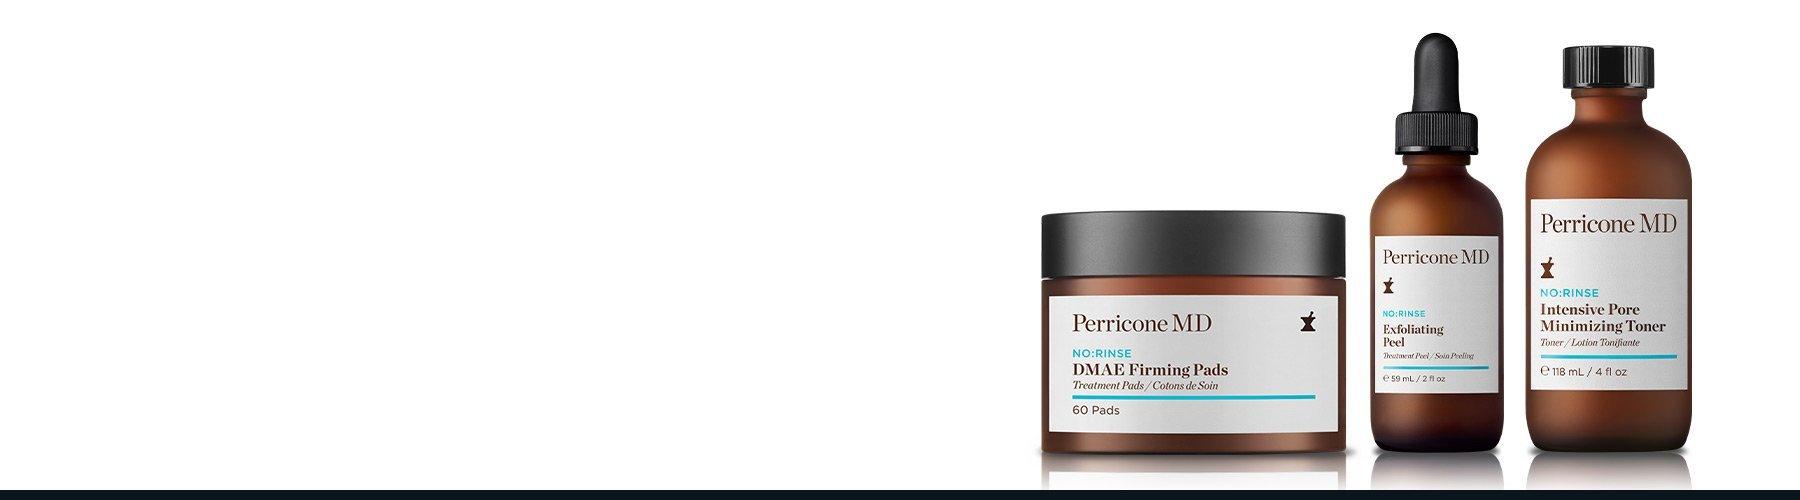 Gesichtspeelings und Toner können helfen, Schäden durch freie Radikale zu verhindern und die Haut zu straffen. Unsere säurefreien Peelings helfen bei der Regeneration der Haut, ohne Rötungen und Irritationen zu verursachen. Unsere Toner helfen der Haut, ihr natürliches PH-Gleichgewicht wiederherzustellen.